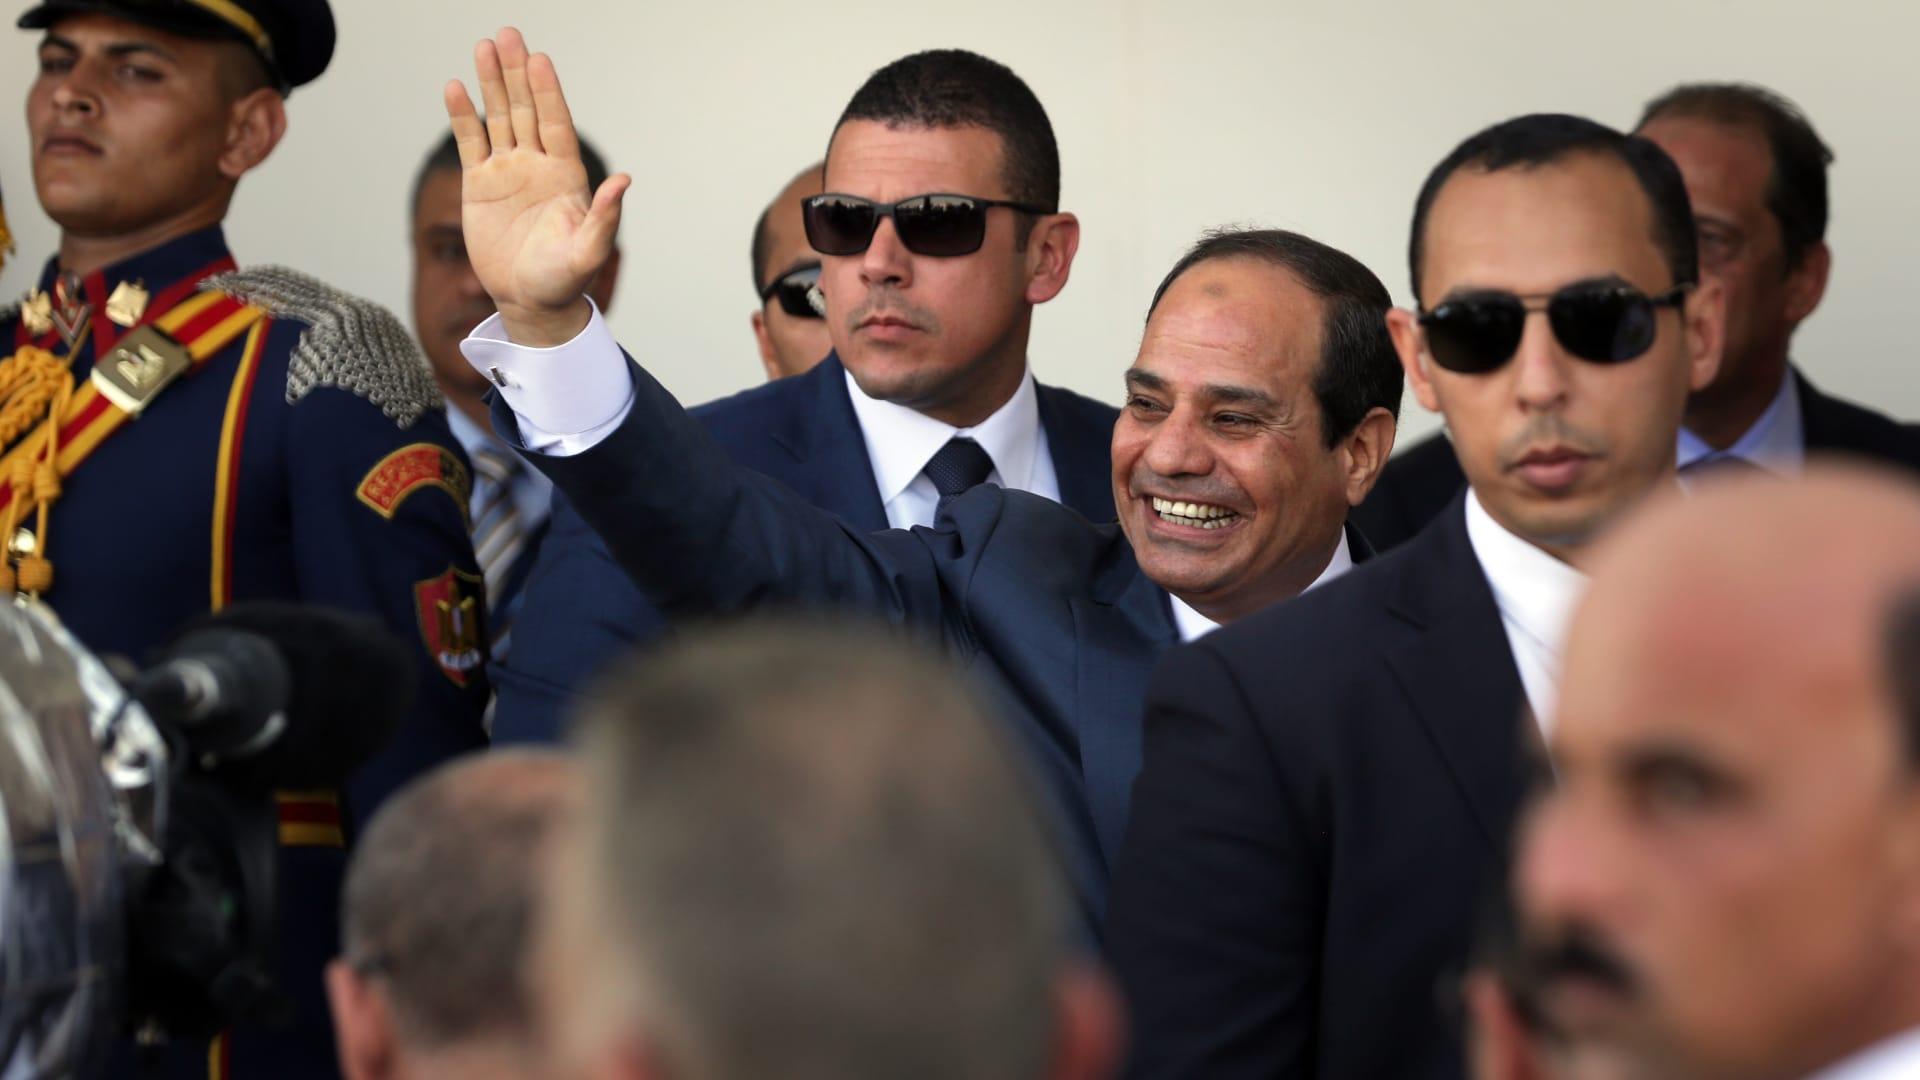 """استوقفته قضية """"حقوق الإنسان"""".. السيسي يحدد شرطين لحرية التعبير والمعارضة في مصر"""